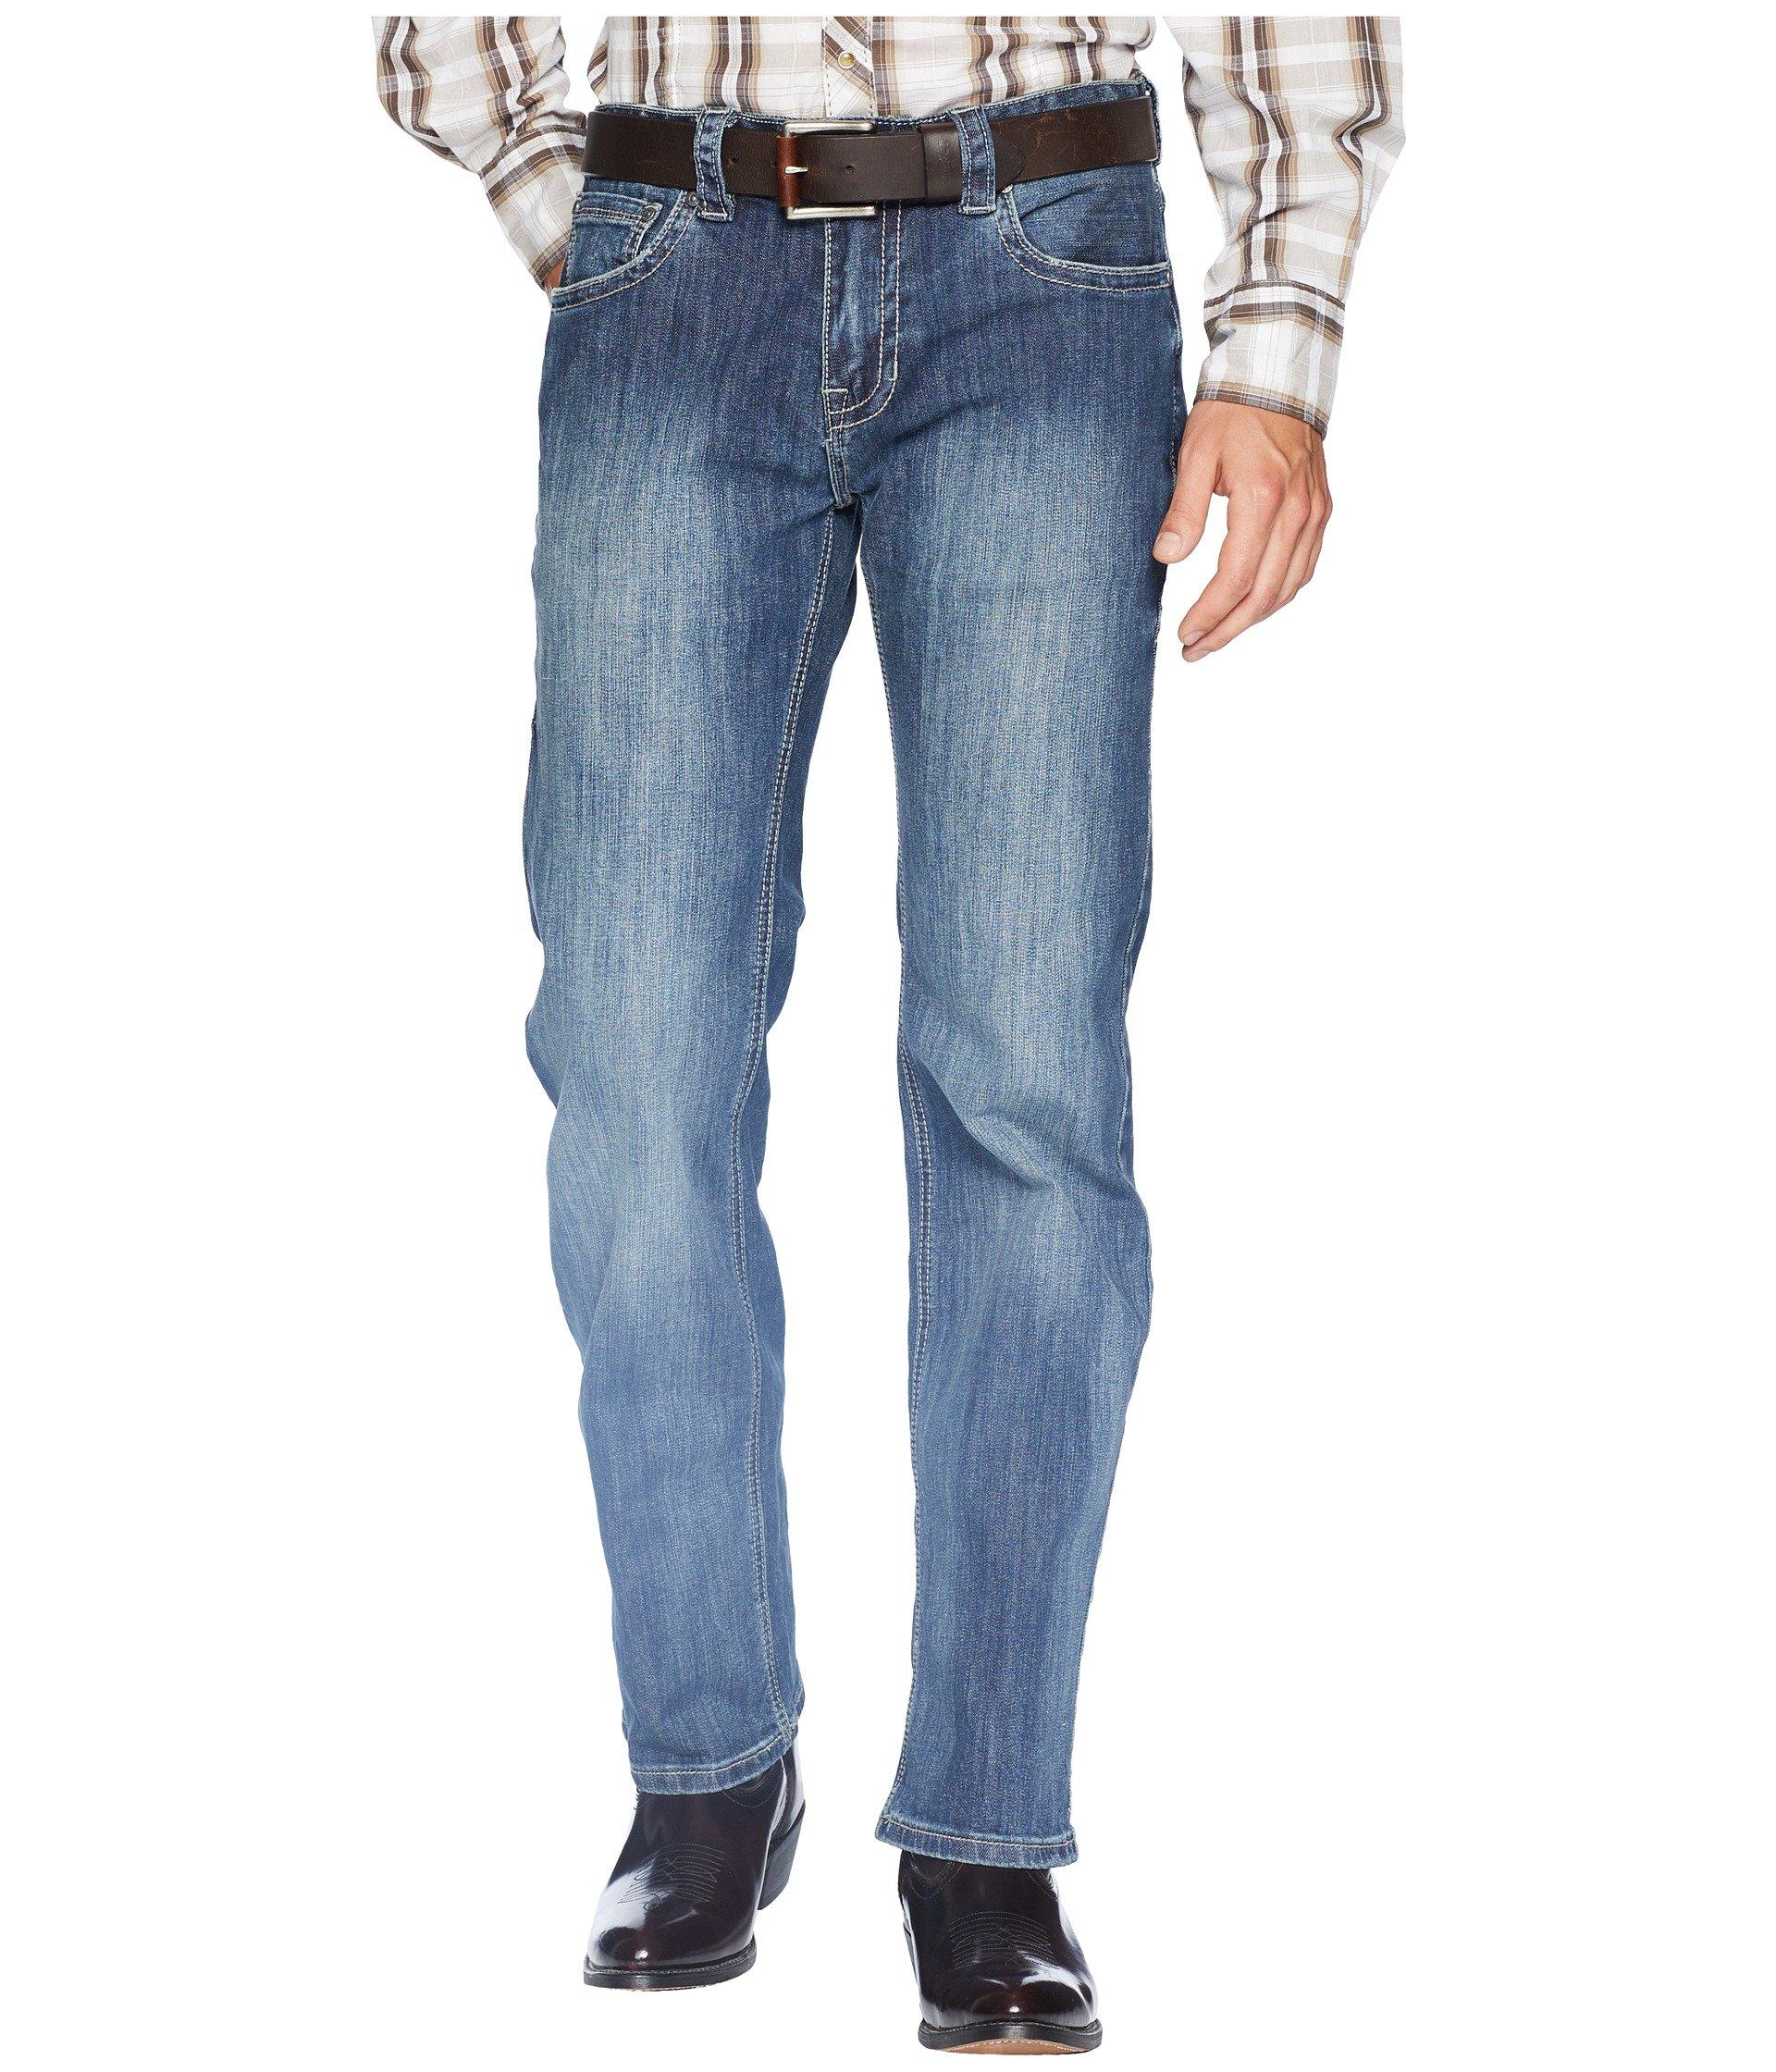 Rock and Roll Cowboy Men's Pistol Bootcut Denim with Stitches in Dark Wash M1P6610 Dark Wash 38 32